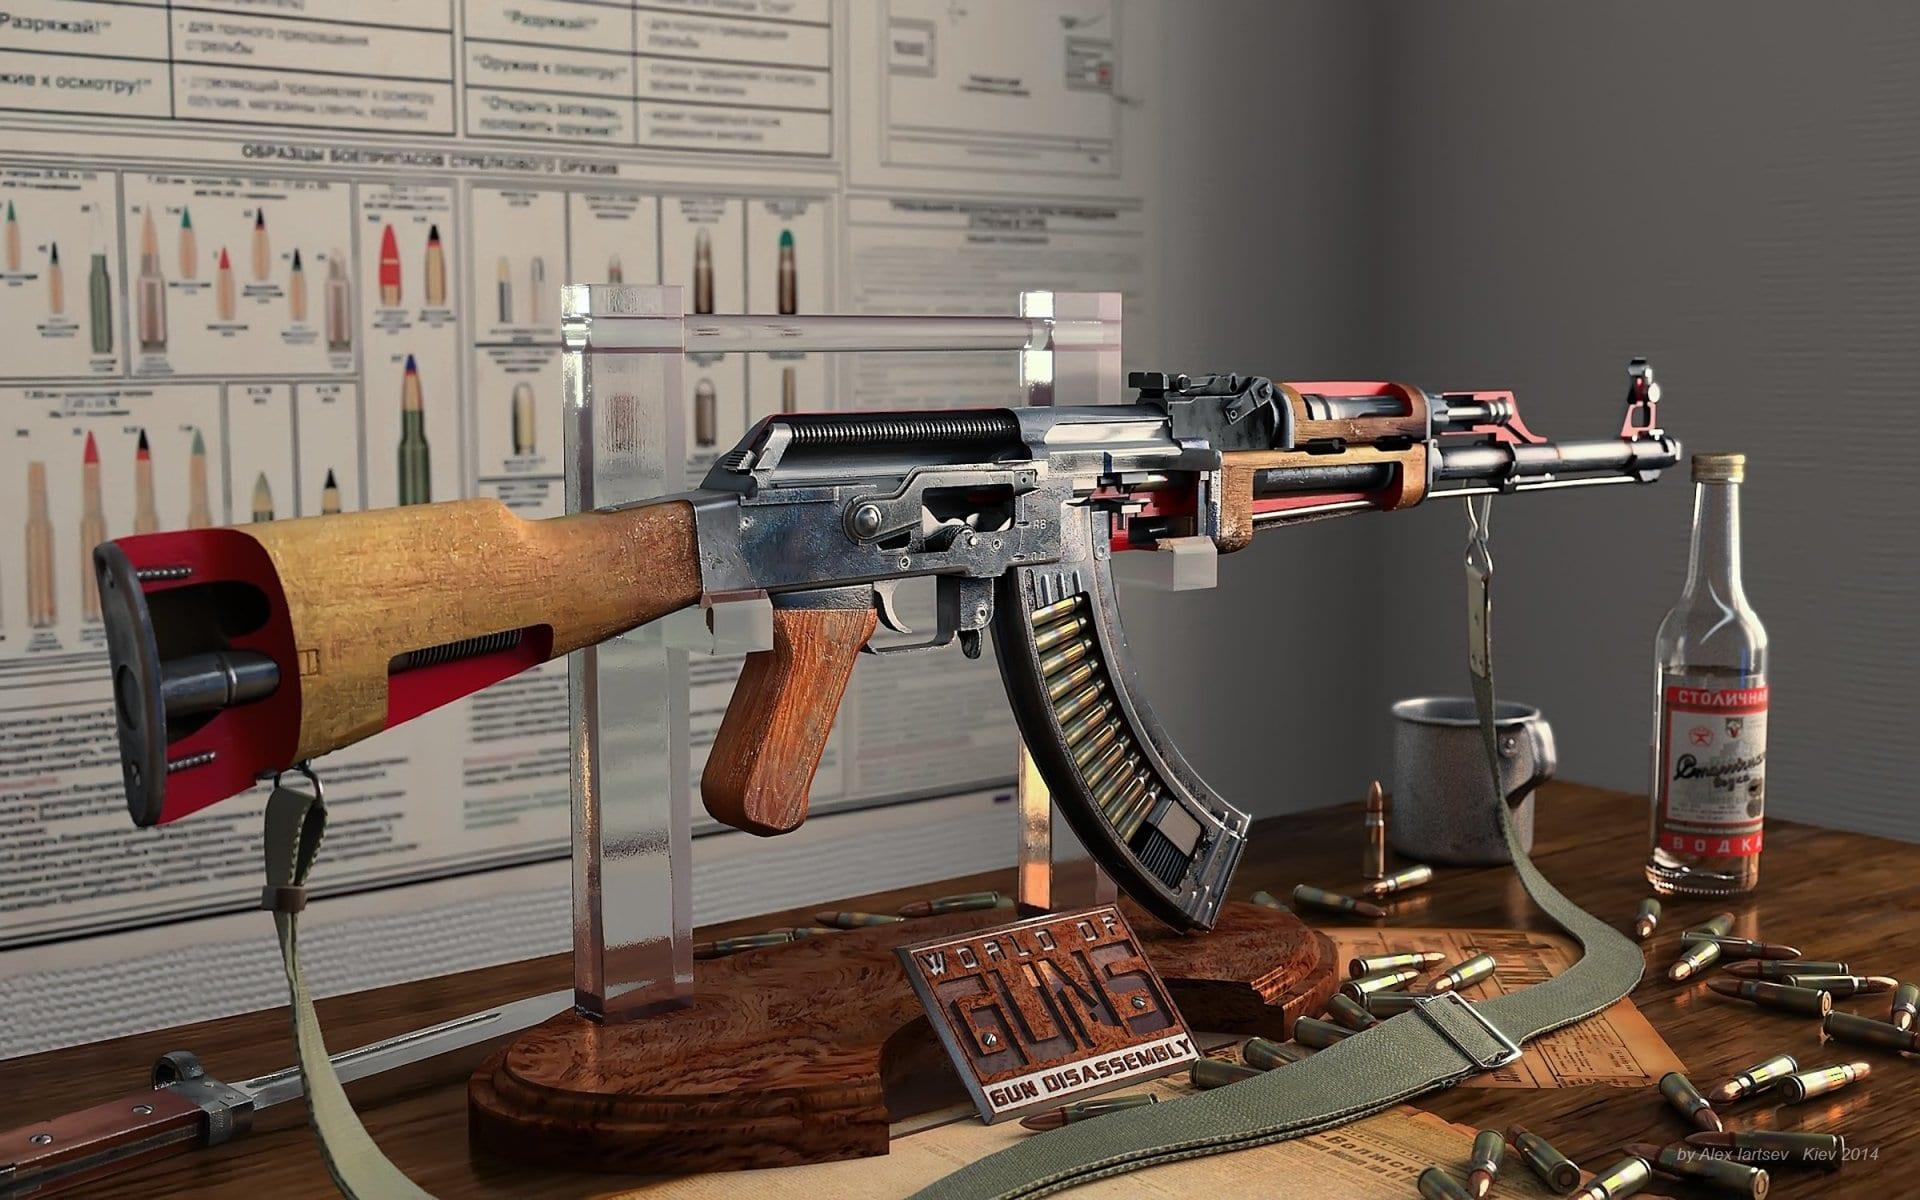 ตำนานปืน AK-47 ที่ใครหลายคนยังไม่รู้